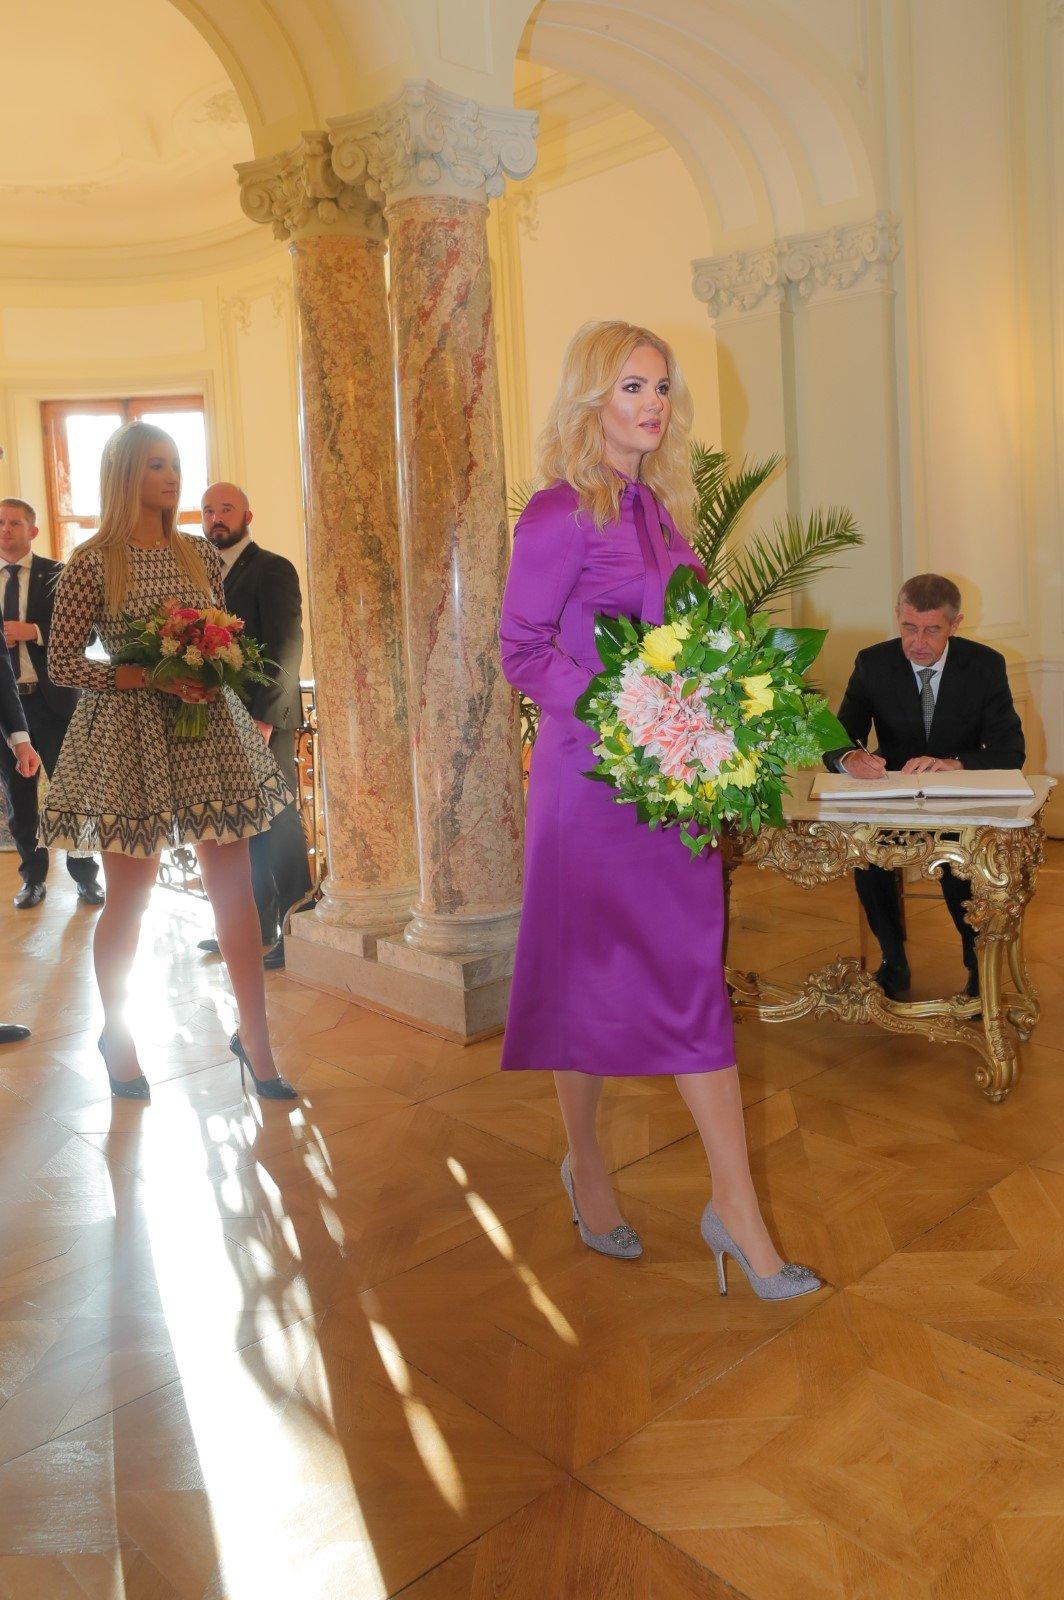 Monika Babišová s dcerou Vivien přichází na novoroční oběd v Lánech.